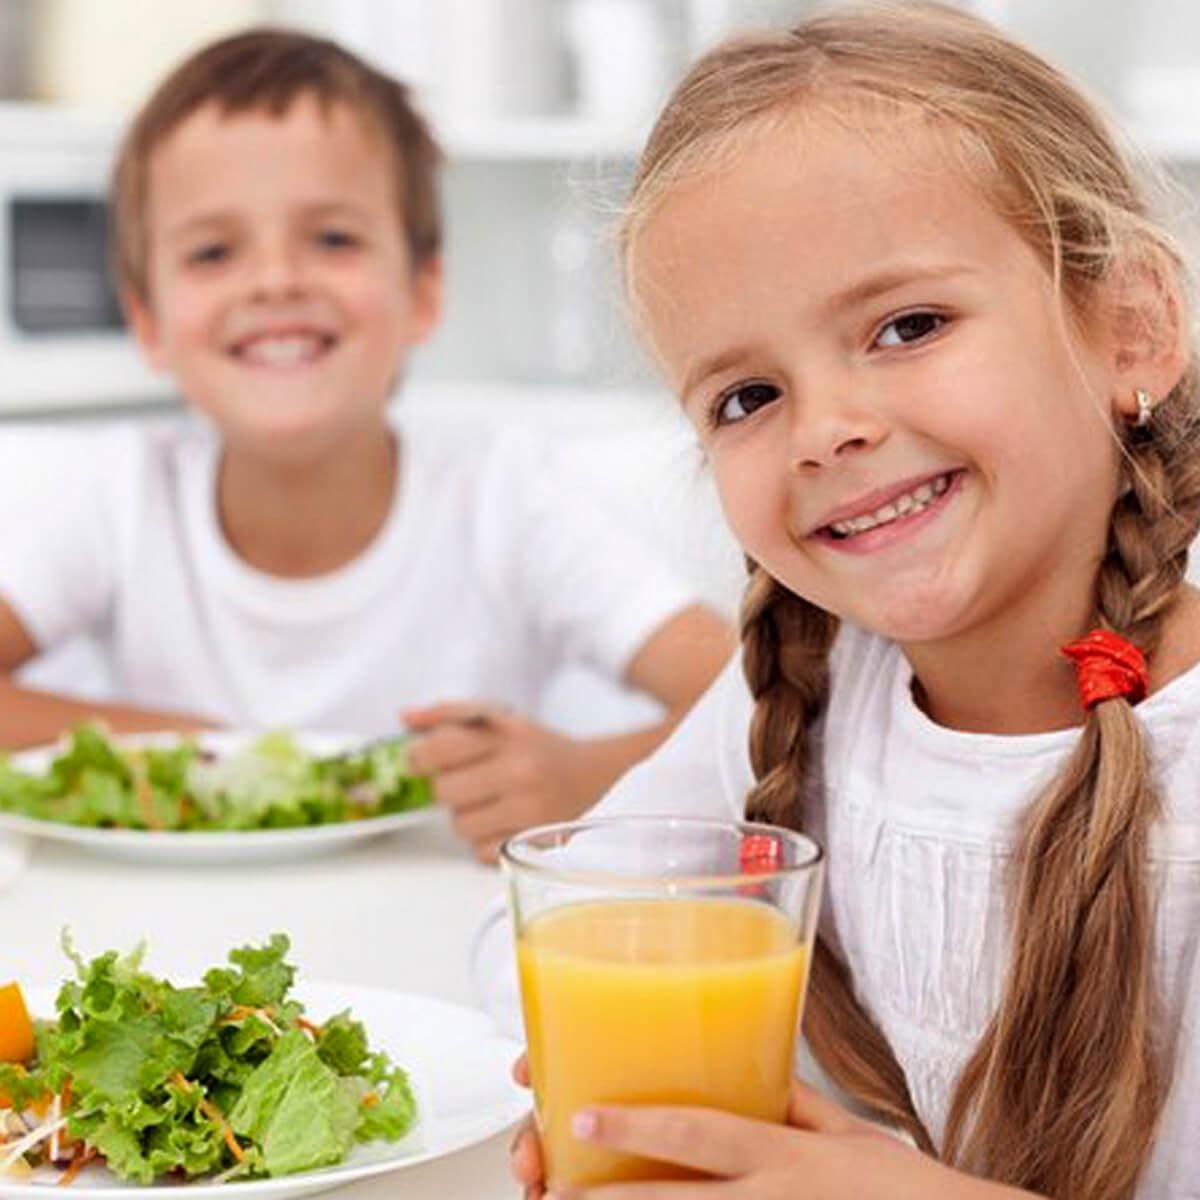 رژیم غذایی بدون گلوتن برای کودکان